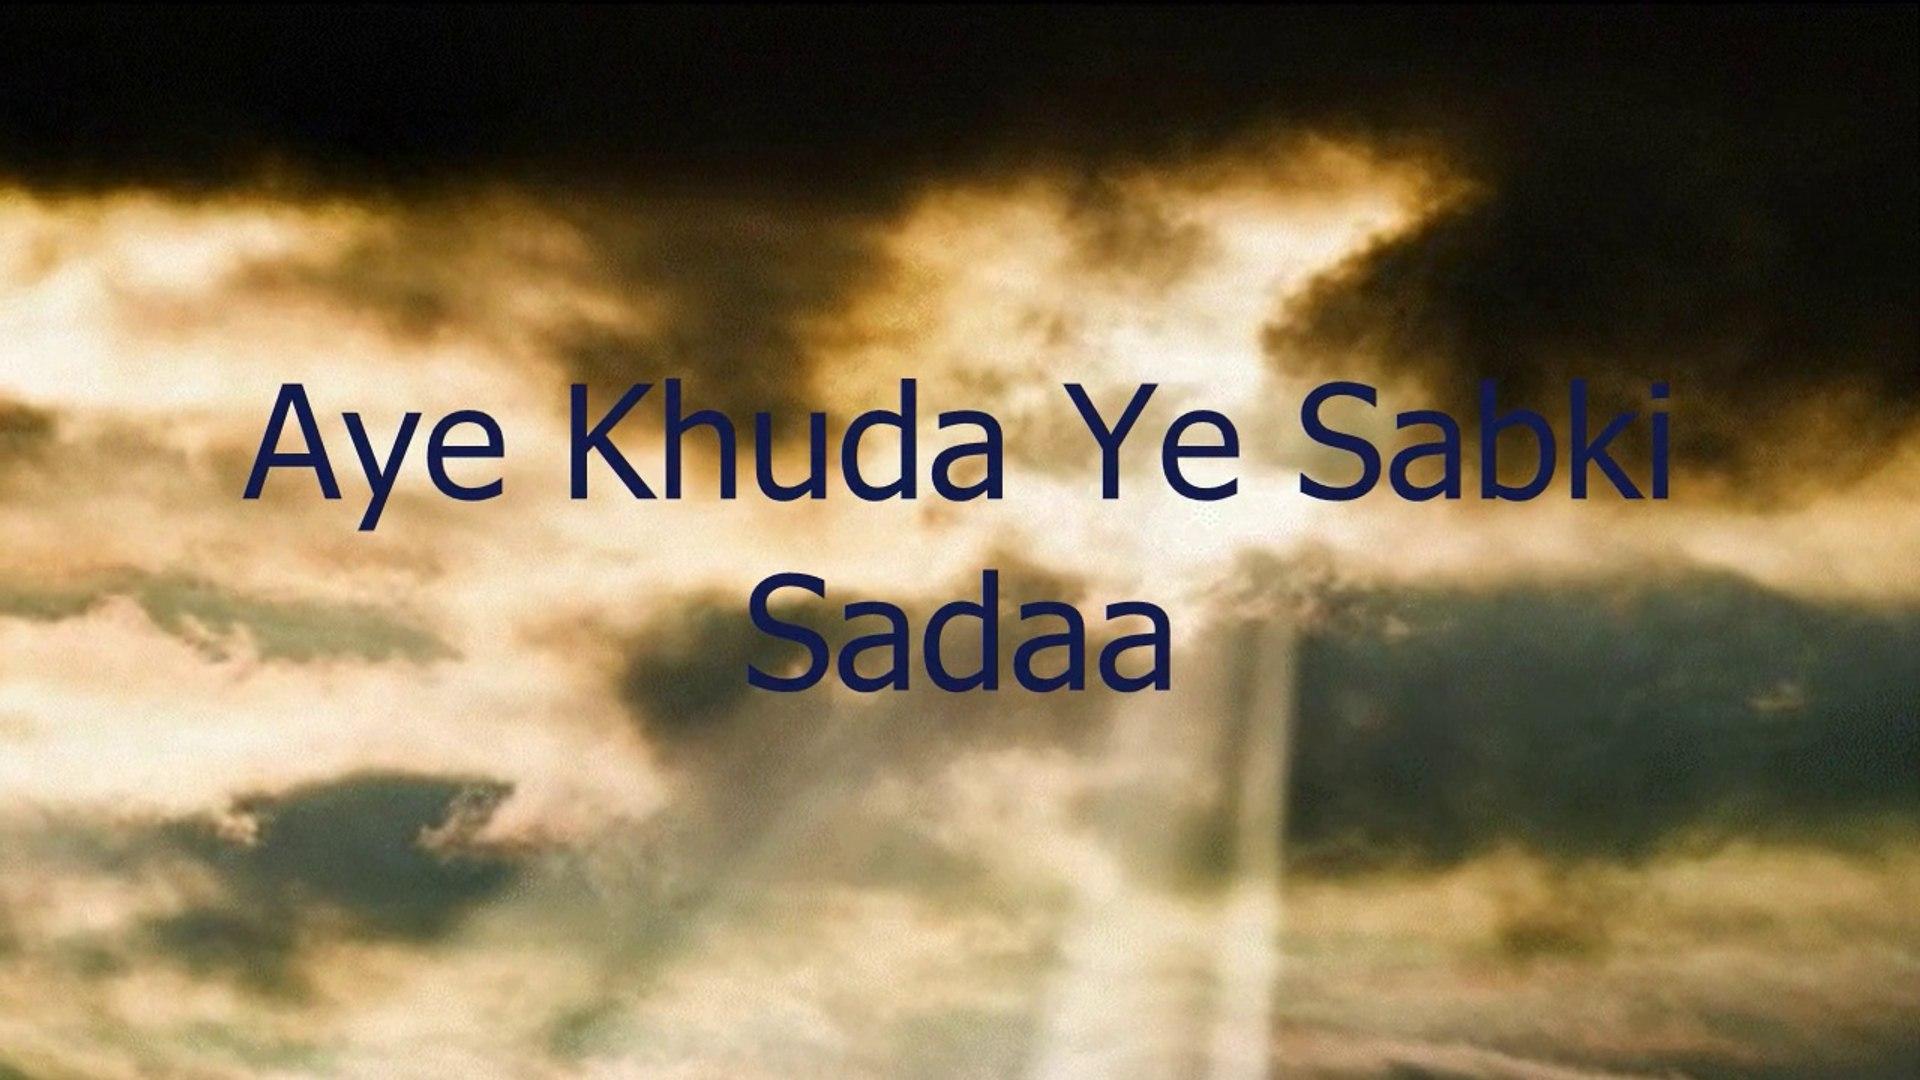 Aye Khuda Ye Sabki Sadaa, Apno Se Na Karna Judaa-New Praise and Worship Rock Song 2015- New Hindi De